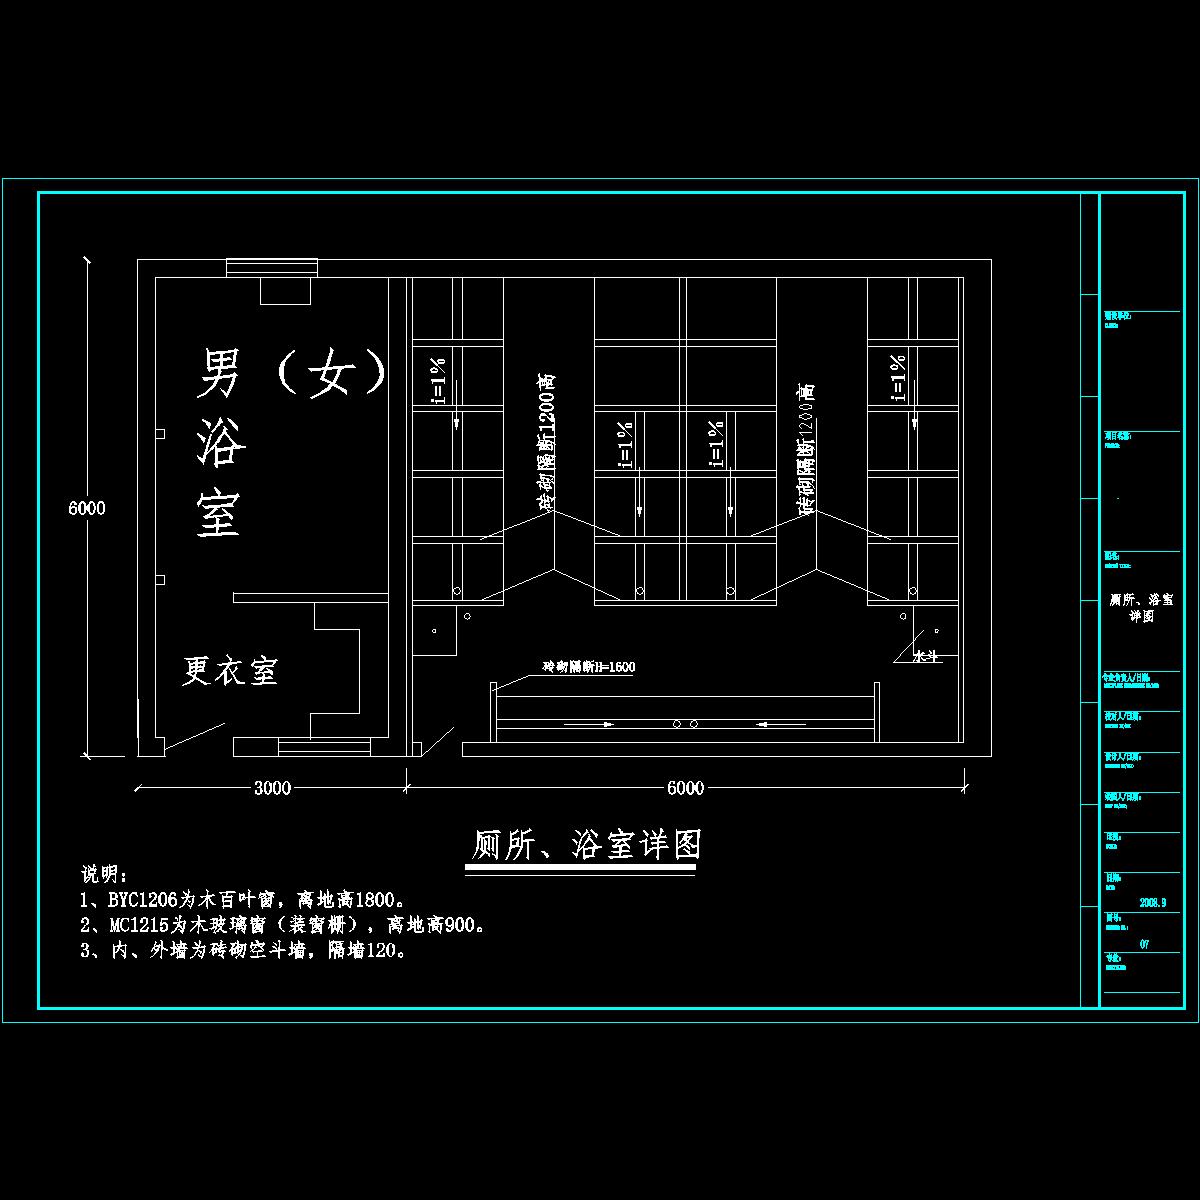 07厕所-浴室平面布置图.dwg